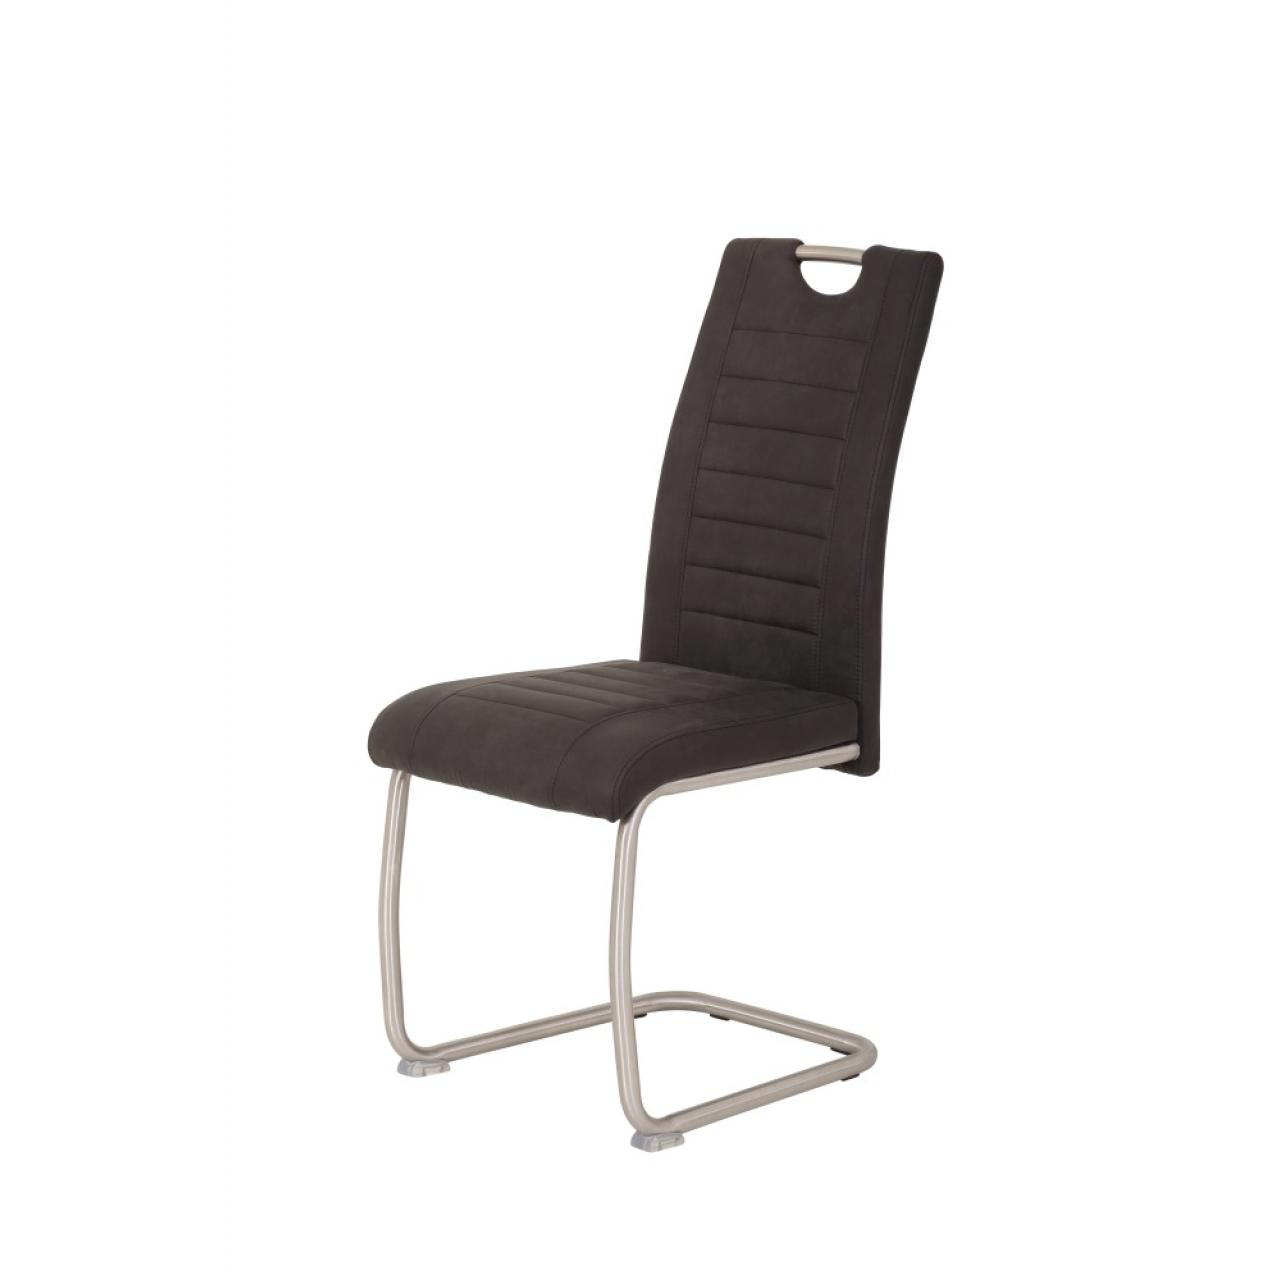 esstisch quebec eiche massiv 220x100 cm esstische. Black Bedroom Furniture Sets. Home Design Ideas